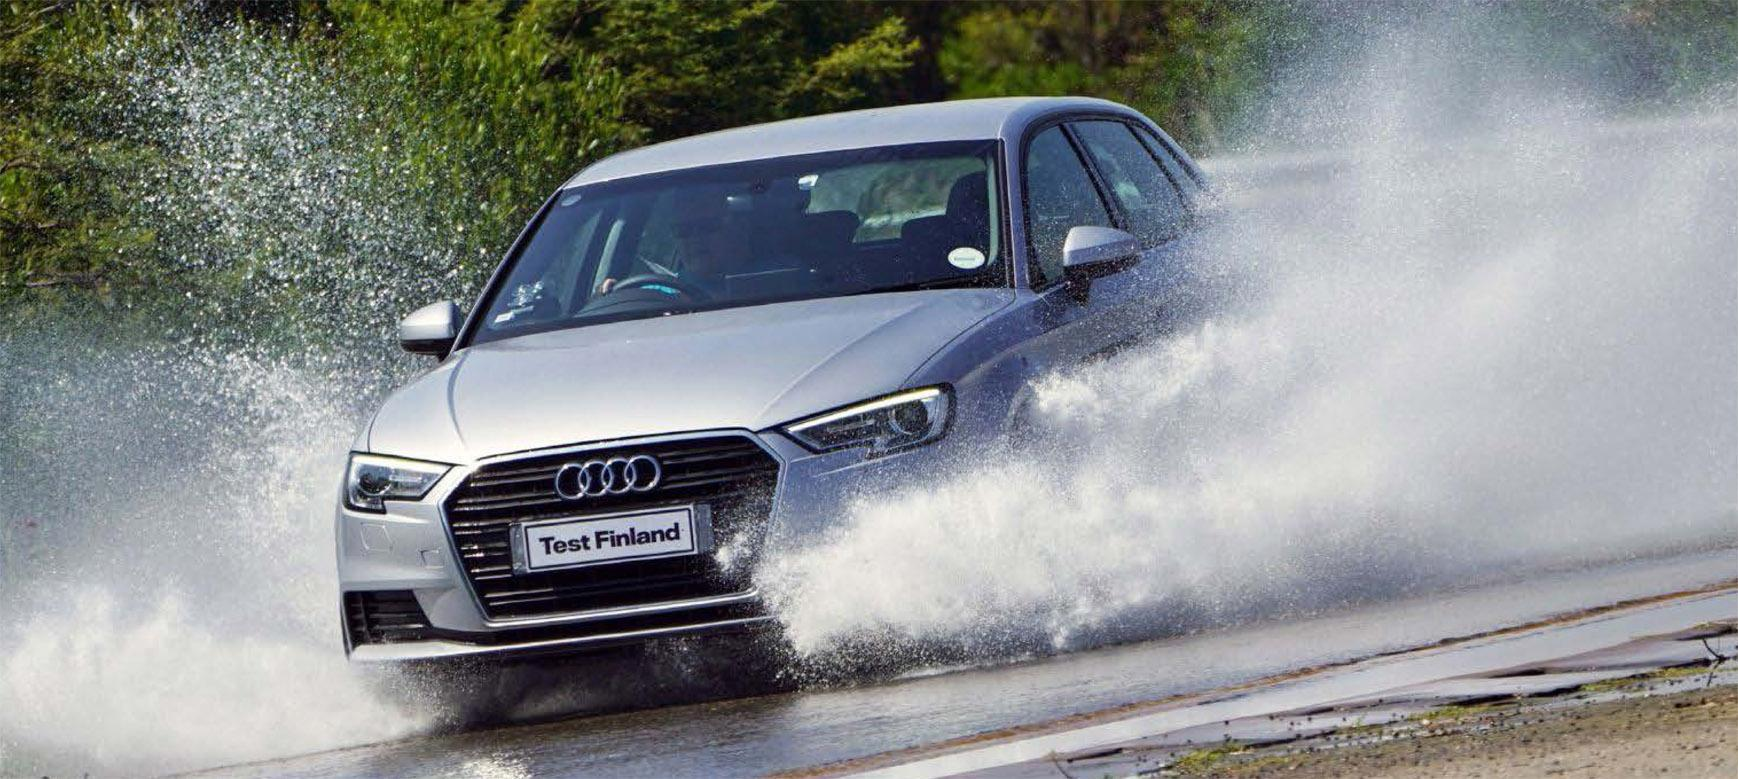 Тест летних шин: Изношенные против новых (Moottori, 03/2020)